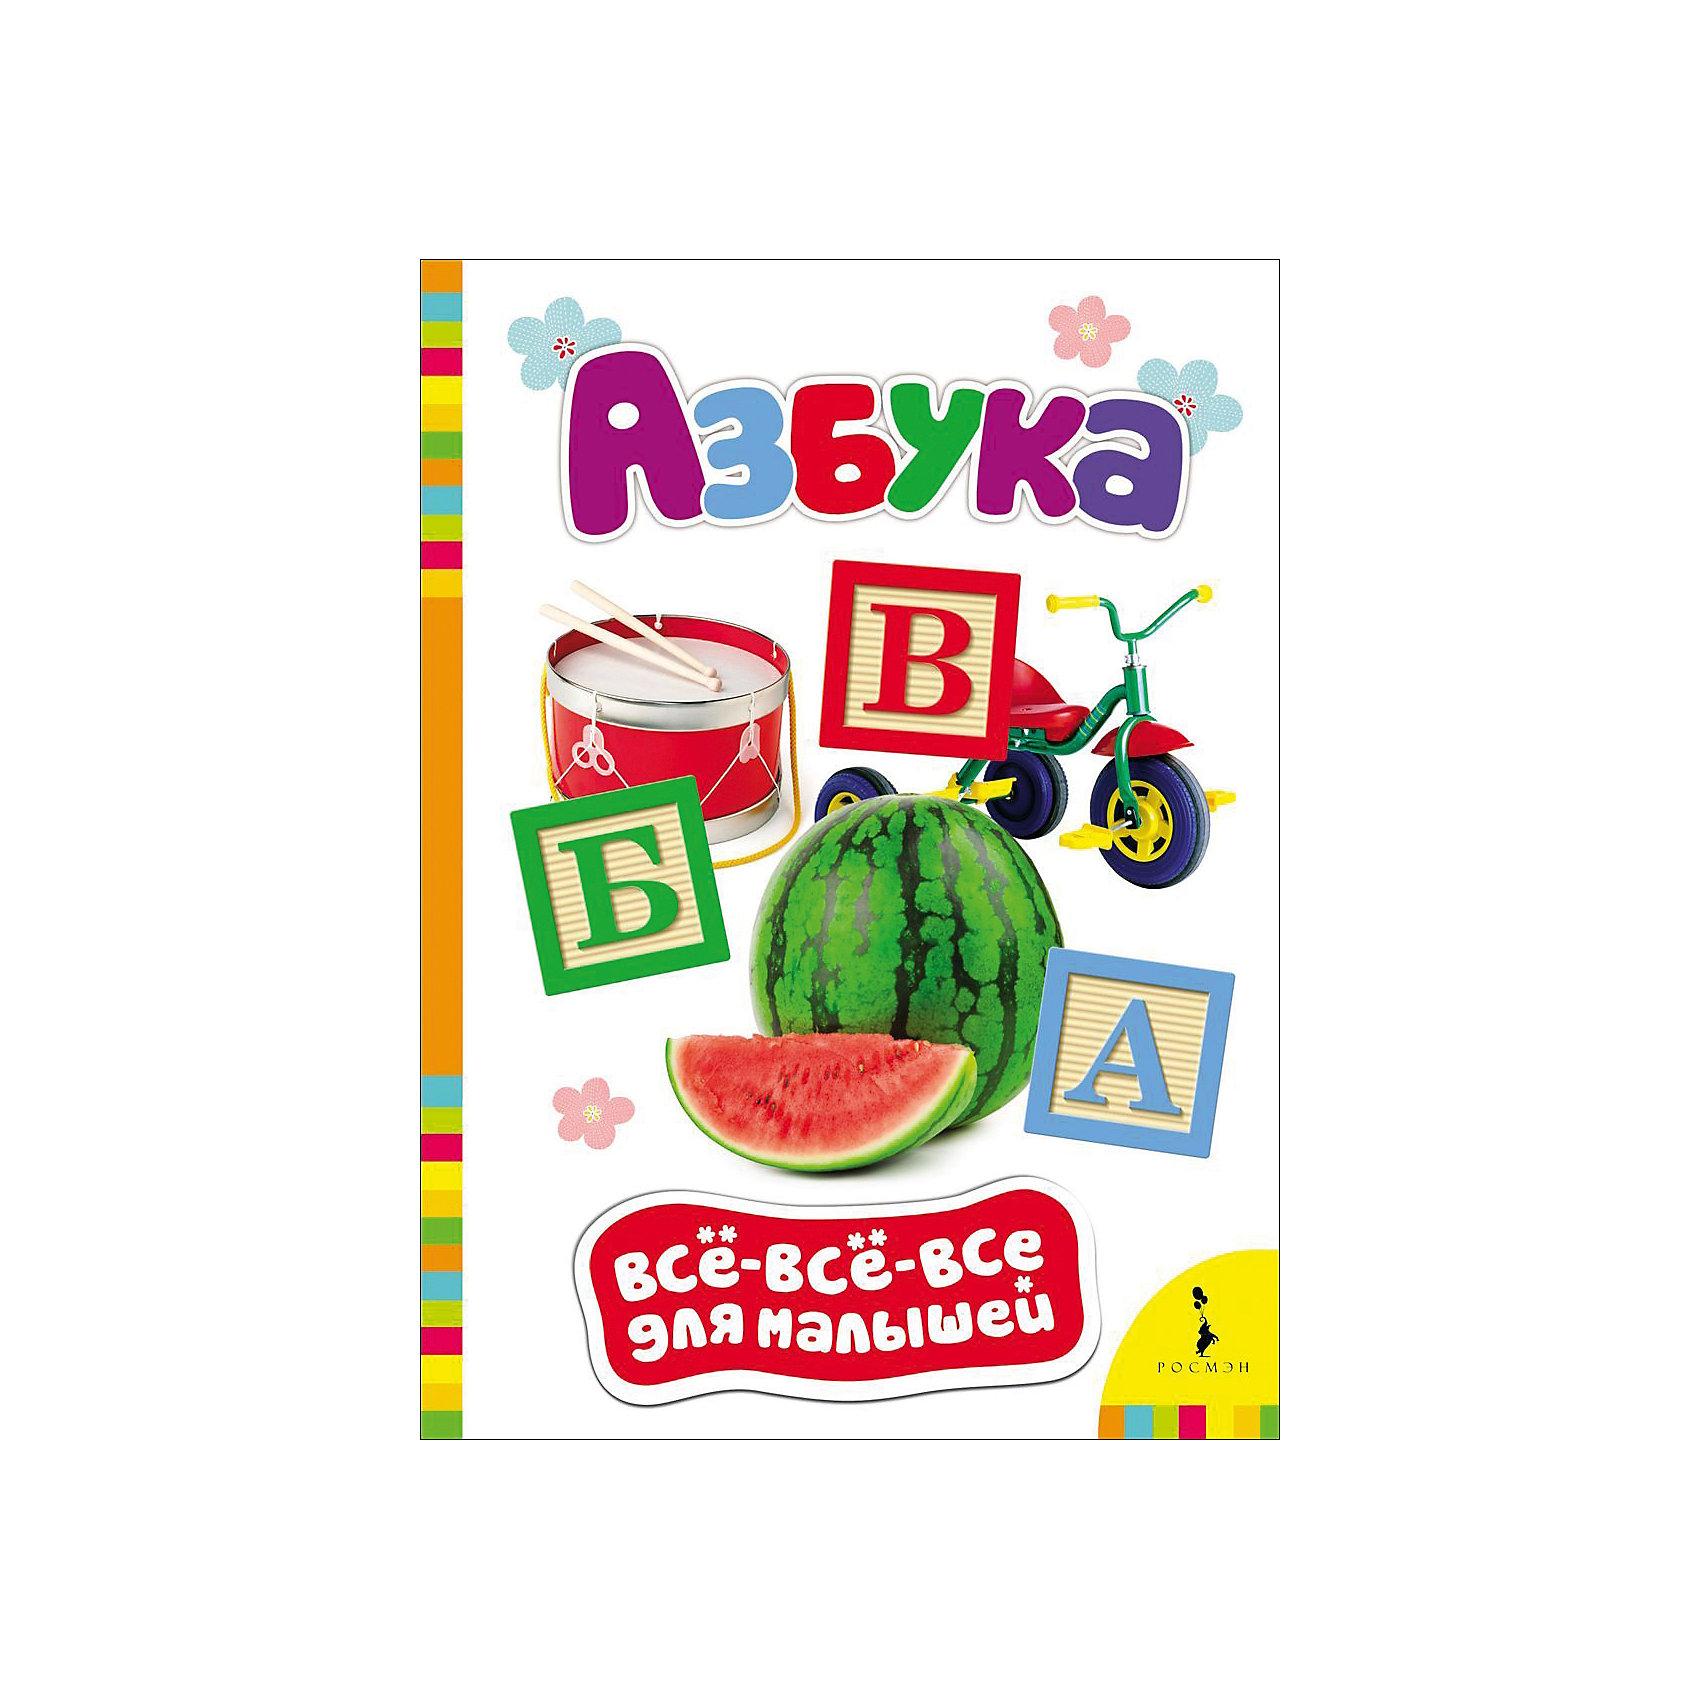 Азбука, Все-все-все для малышейХарактеристики товара:<br><br>- цвет: разноцветный;<br>- материал: бумага;<br>- страниц: 8;<br>- формат: 22 х 16 см;<br>- обложка: картон;<br>- цветные иллюстрации. <br><br>Эта полезная книга станет отличным подарком для родителей и ребенка. Она содержит в себе фотографии, а также интересные вопросы и задания, связанные с азбукой. Отличный способ привить малышу любовь к занятиям и начать обучение!<br>Чтение и рассматривание картинок даже в юном возрасте помогает ребенку развивать память, концентрацию внимания и воображение. Издание произведено из качественных материалов, которые безопасны даже для самых маленьких.<br><br>Издание Азбука, Все-все-все для малышей от компании Росмэн можно купить в нашем интернет-магазине.<br><br>Ширина мм: 220<br>Глубина мм: 160<br>Высота мм: 5<br>Вес г: 111<br>Возраст от месяцев: 0<br>Возраст до месяцев: 36<br>Пол: Унисекс<br>Возраст: Детский<br>SKU: 5110062